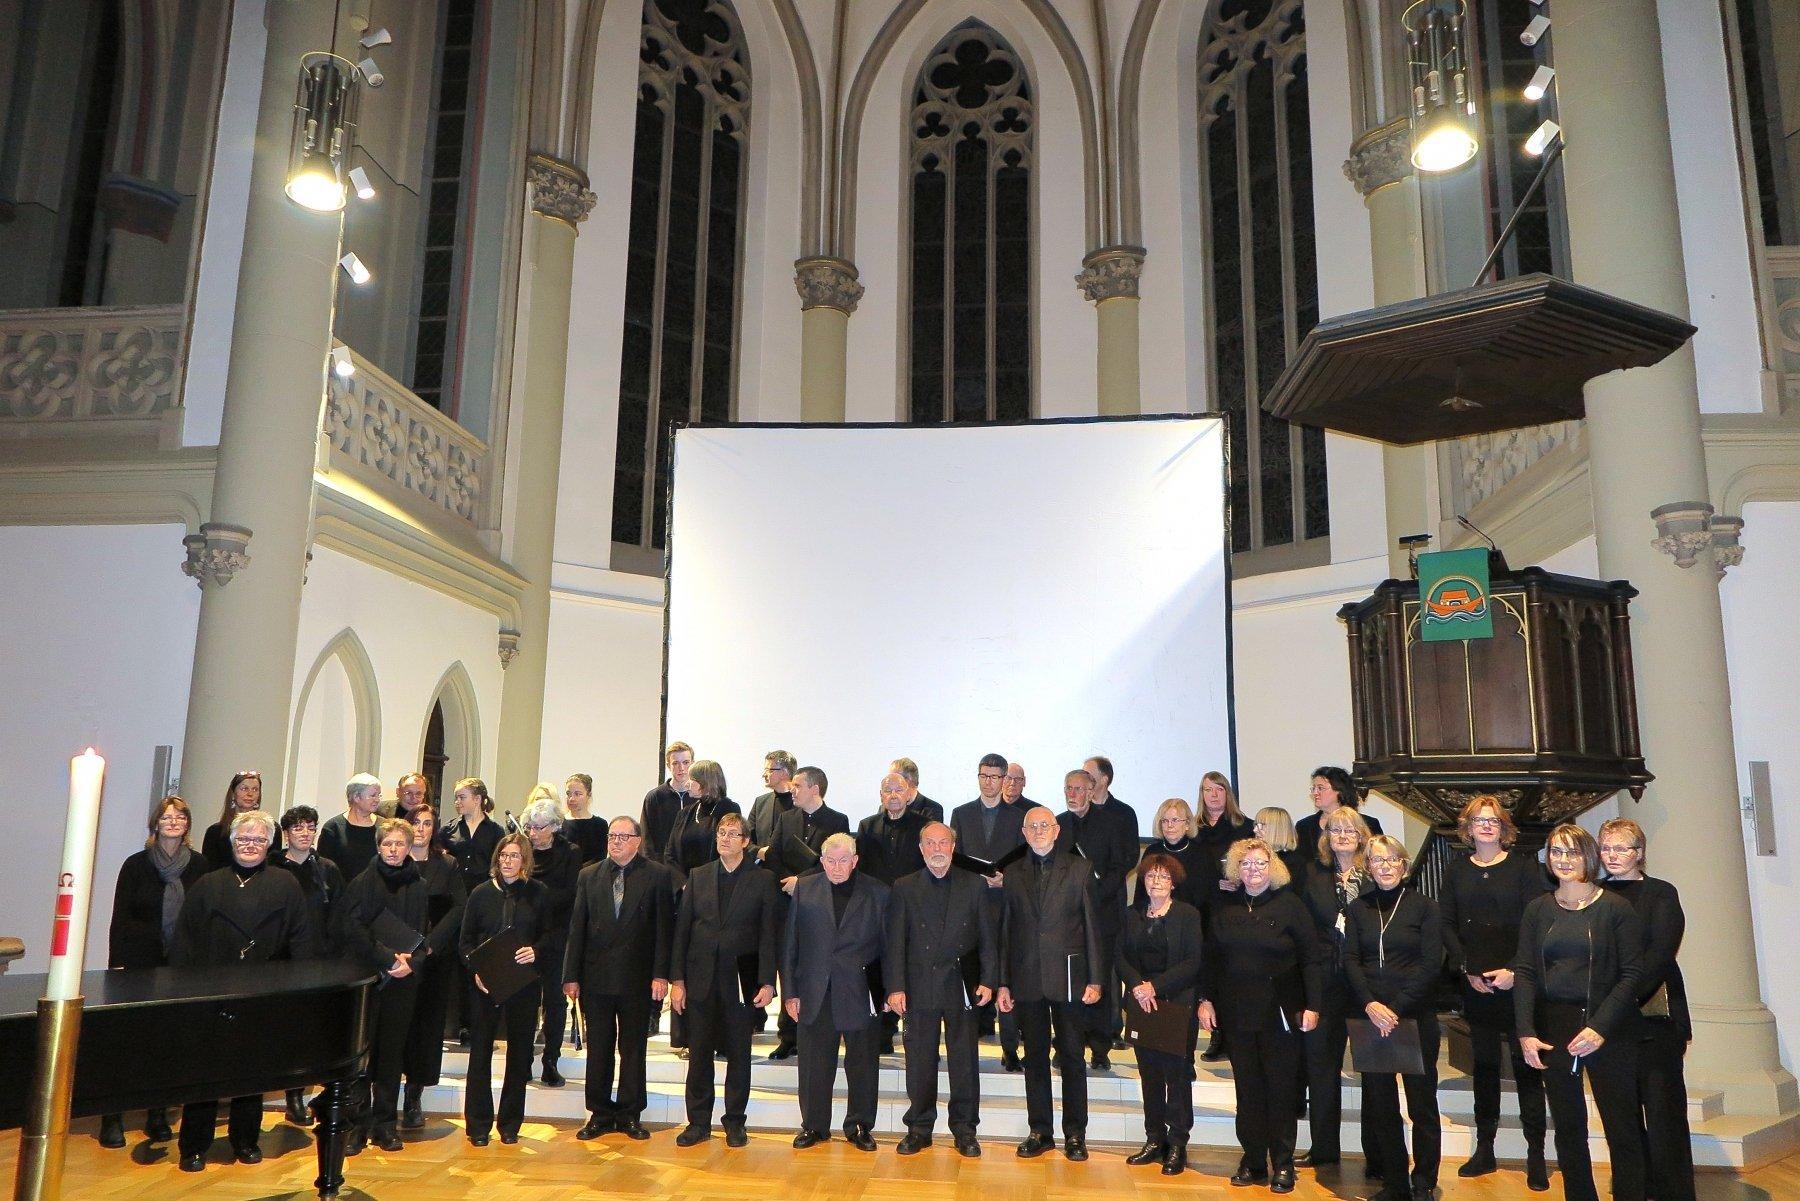 Der Konzertchor Aplerbeck in der Großen Kirche Aplerbeck. (Foto: IN-StadtMagazine)